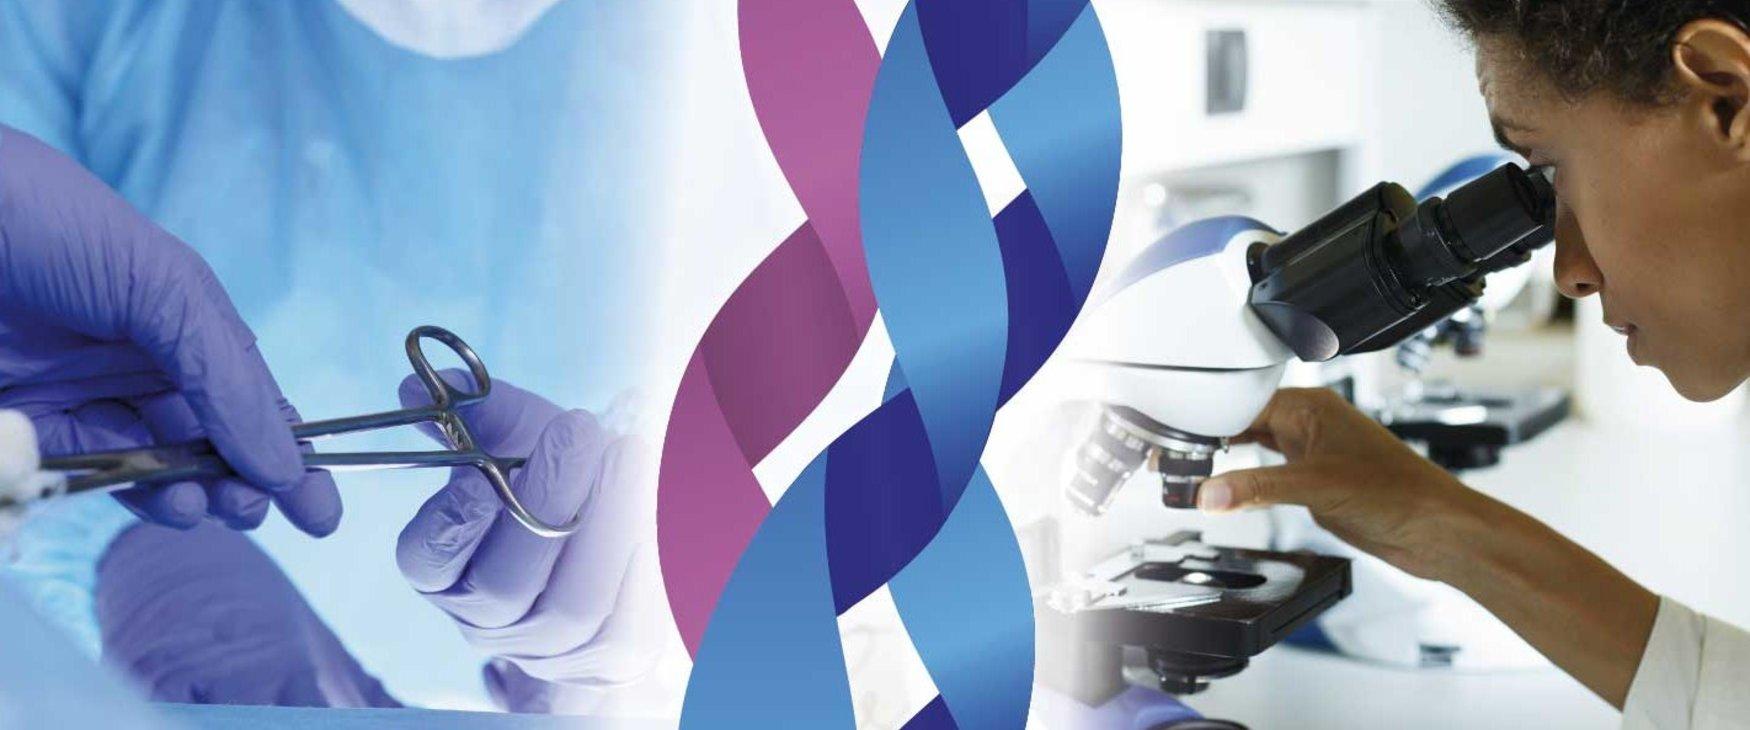 Rousselot Biomedical